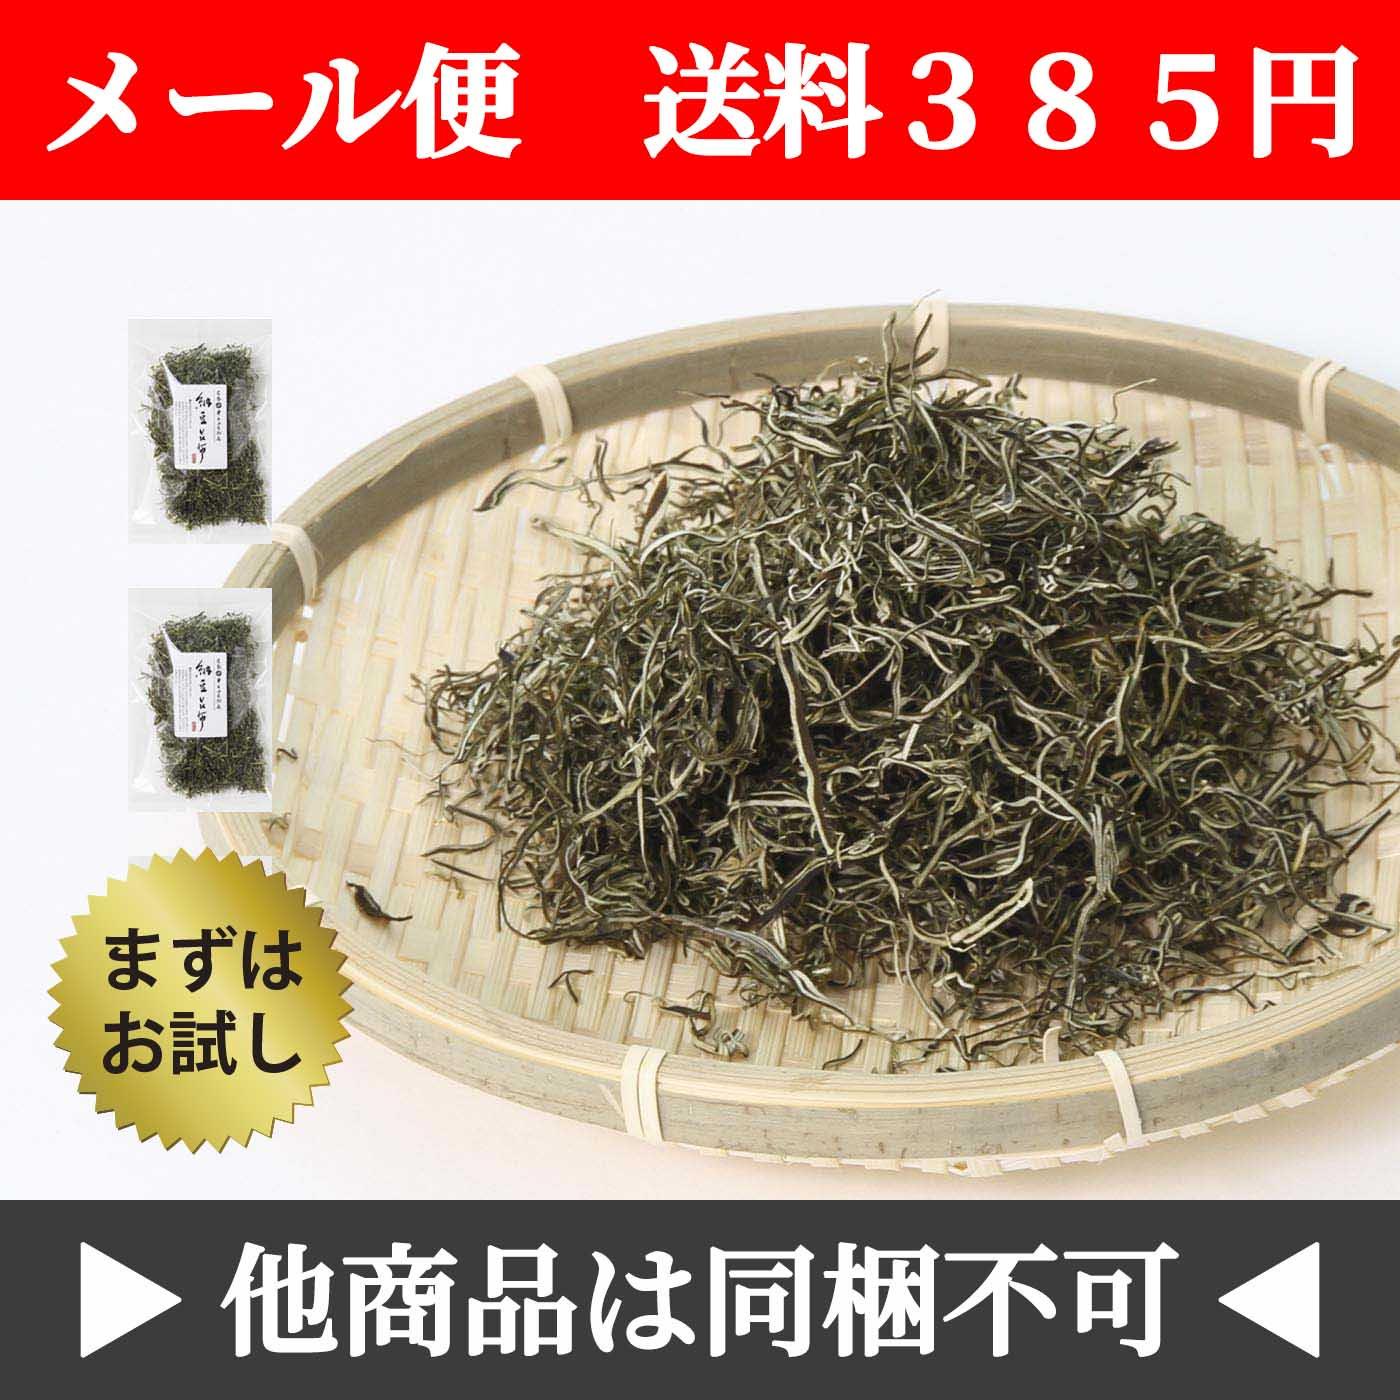 【メール便】三陸産 納豆昆布 2袋セット